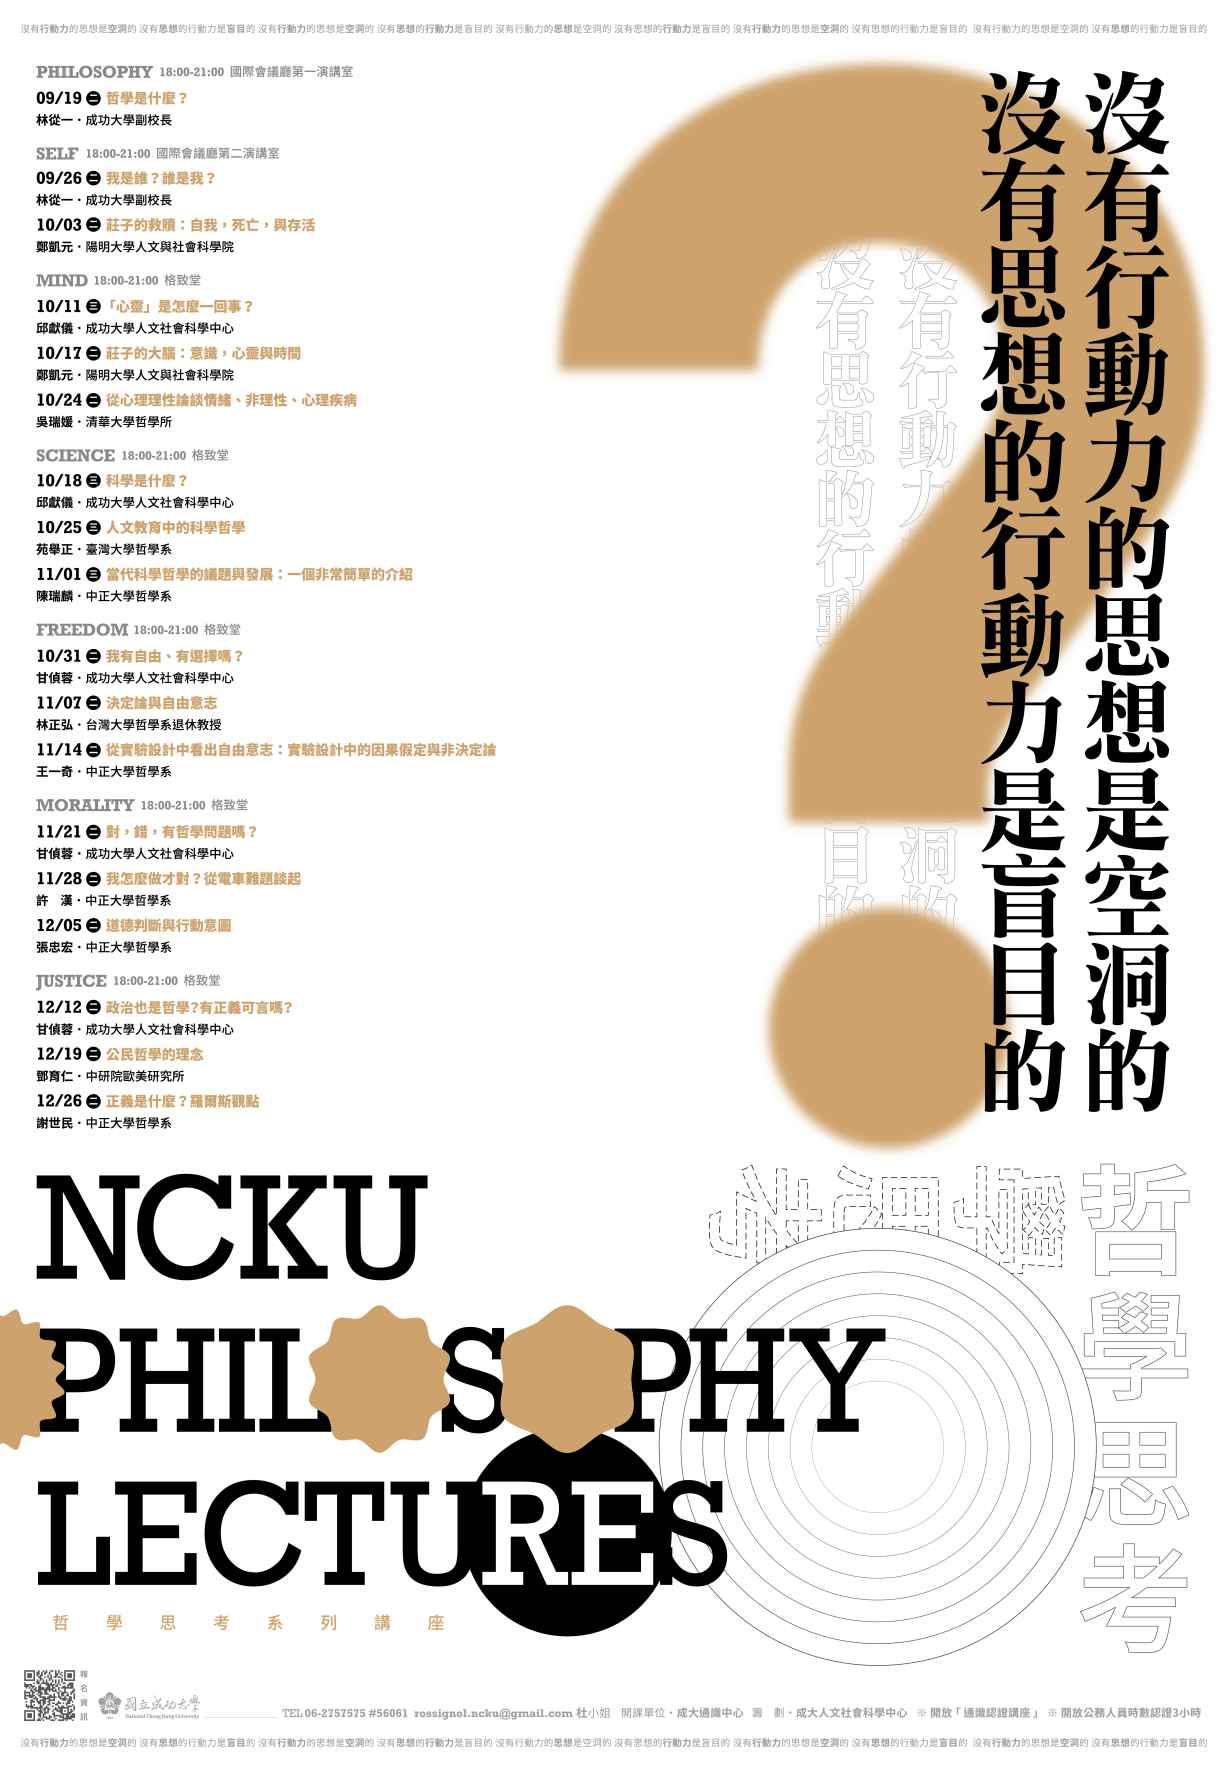 哲學思考系列講座 – 心靈是怎麼一回事?〈莊子的大腦:意識,心靈與時間〉